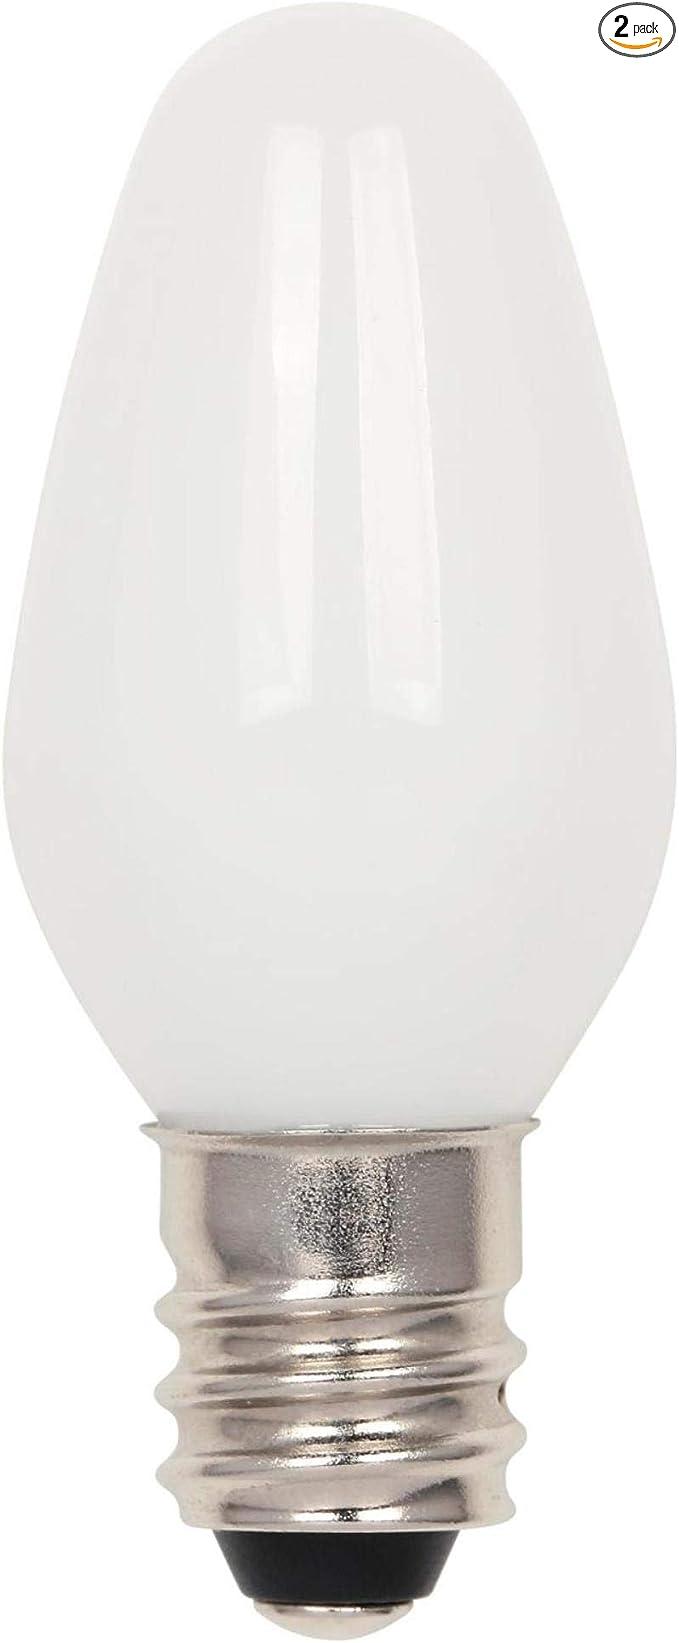 24-Pack White GE 2X-Life C7 Night Light Bulbs 4-Watt